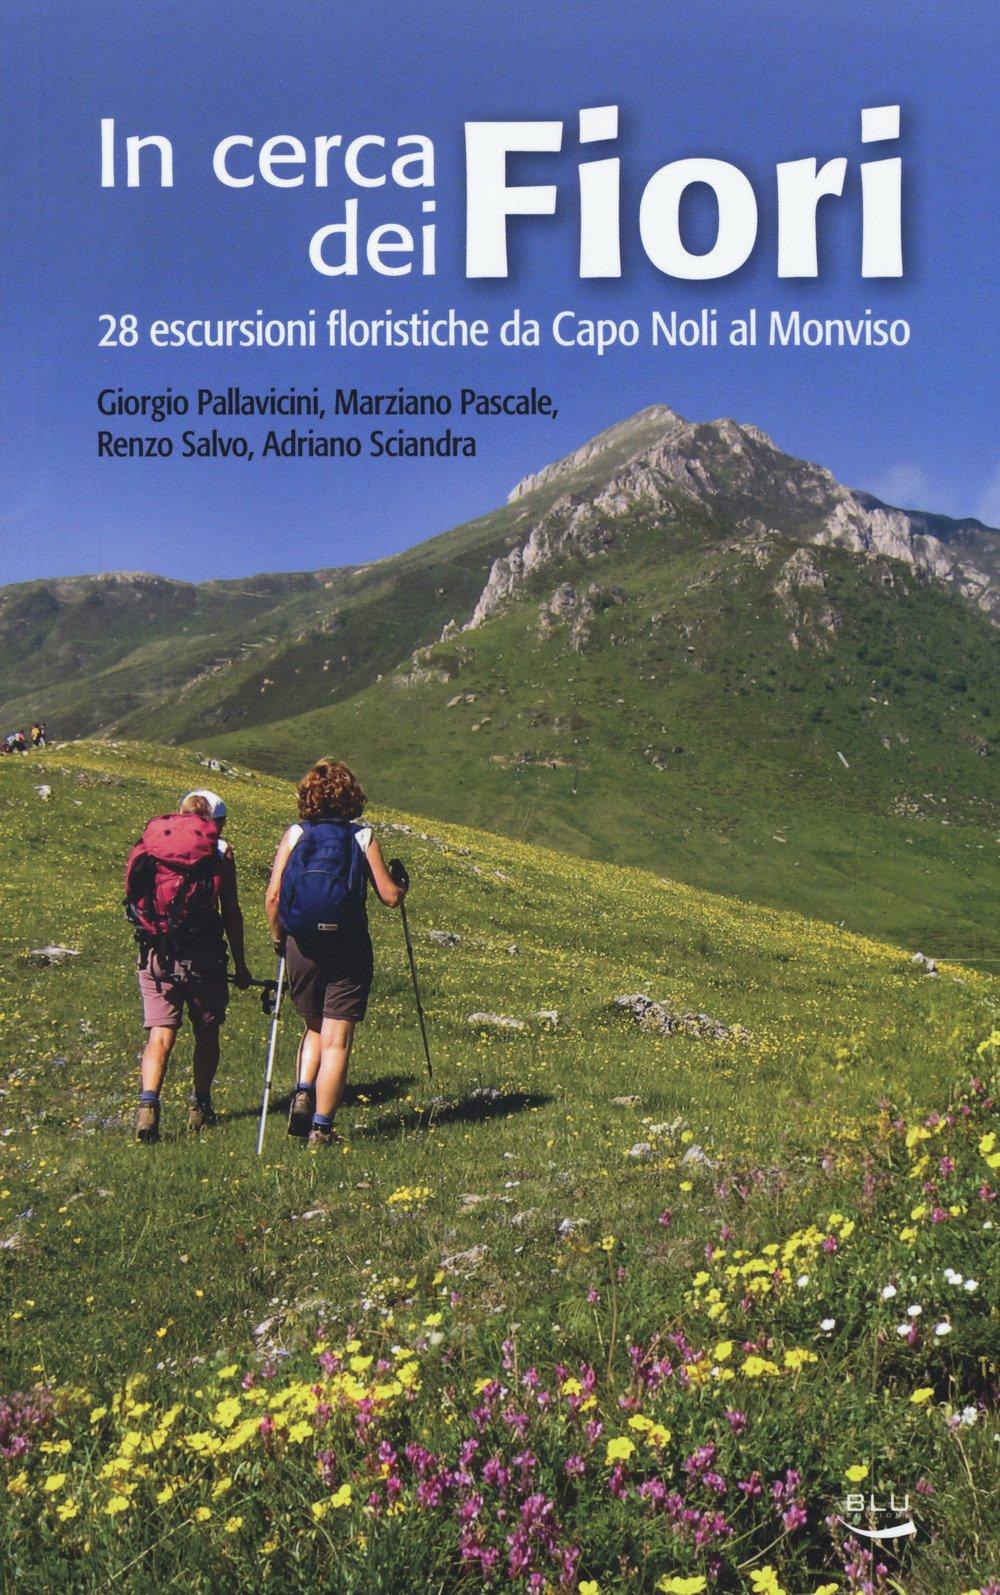 Cerca Fiori.In Cerca Dei Fiori 28 Escursioni Floristiche Da Capo Noli Al